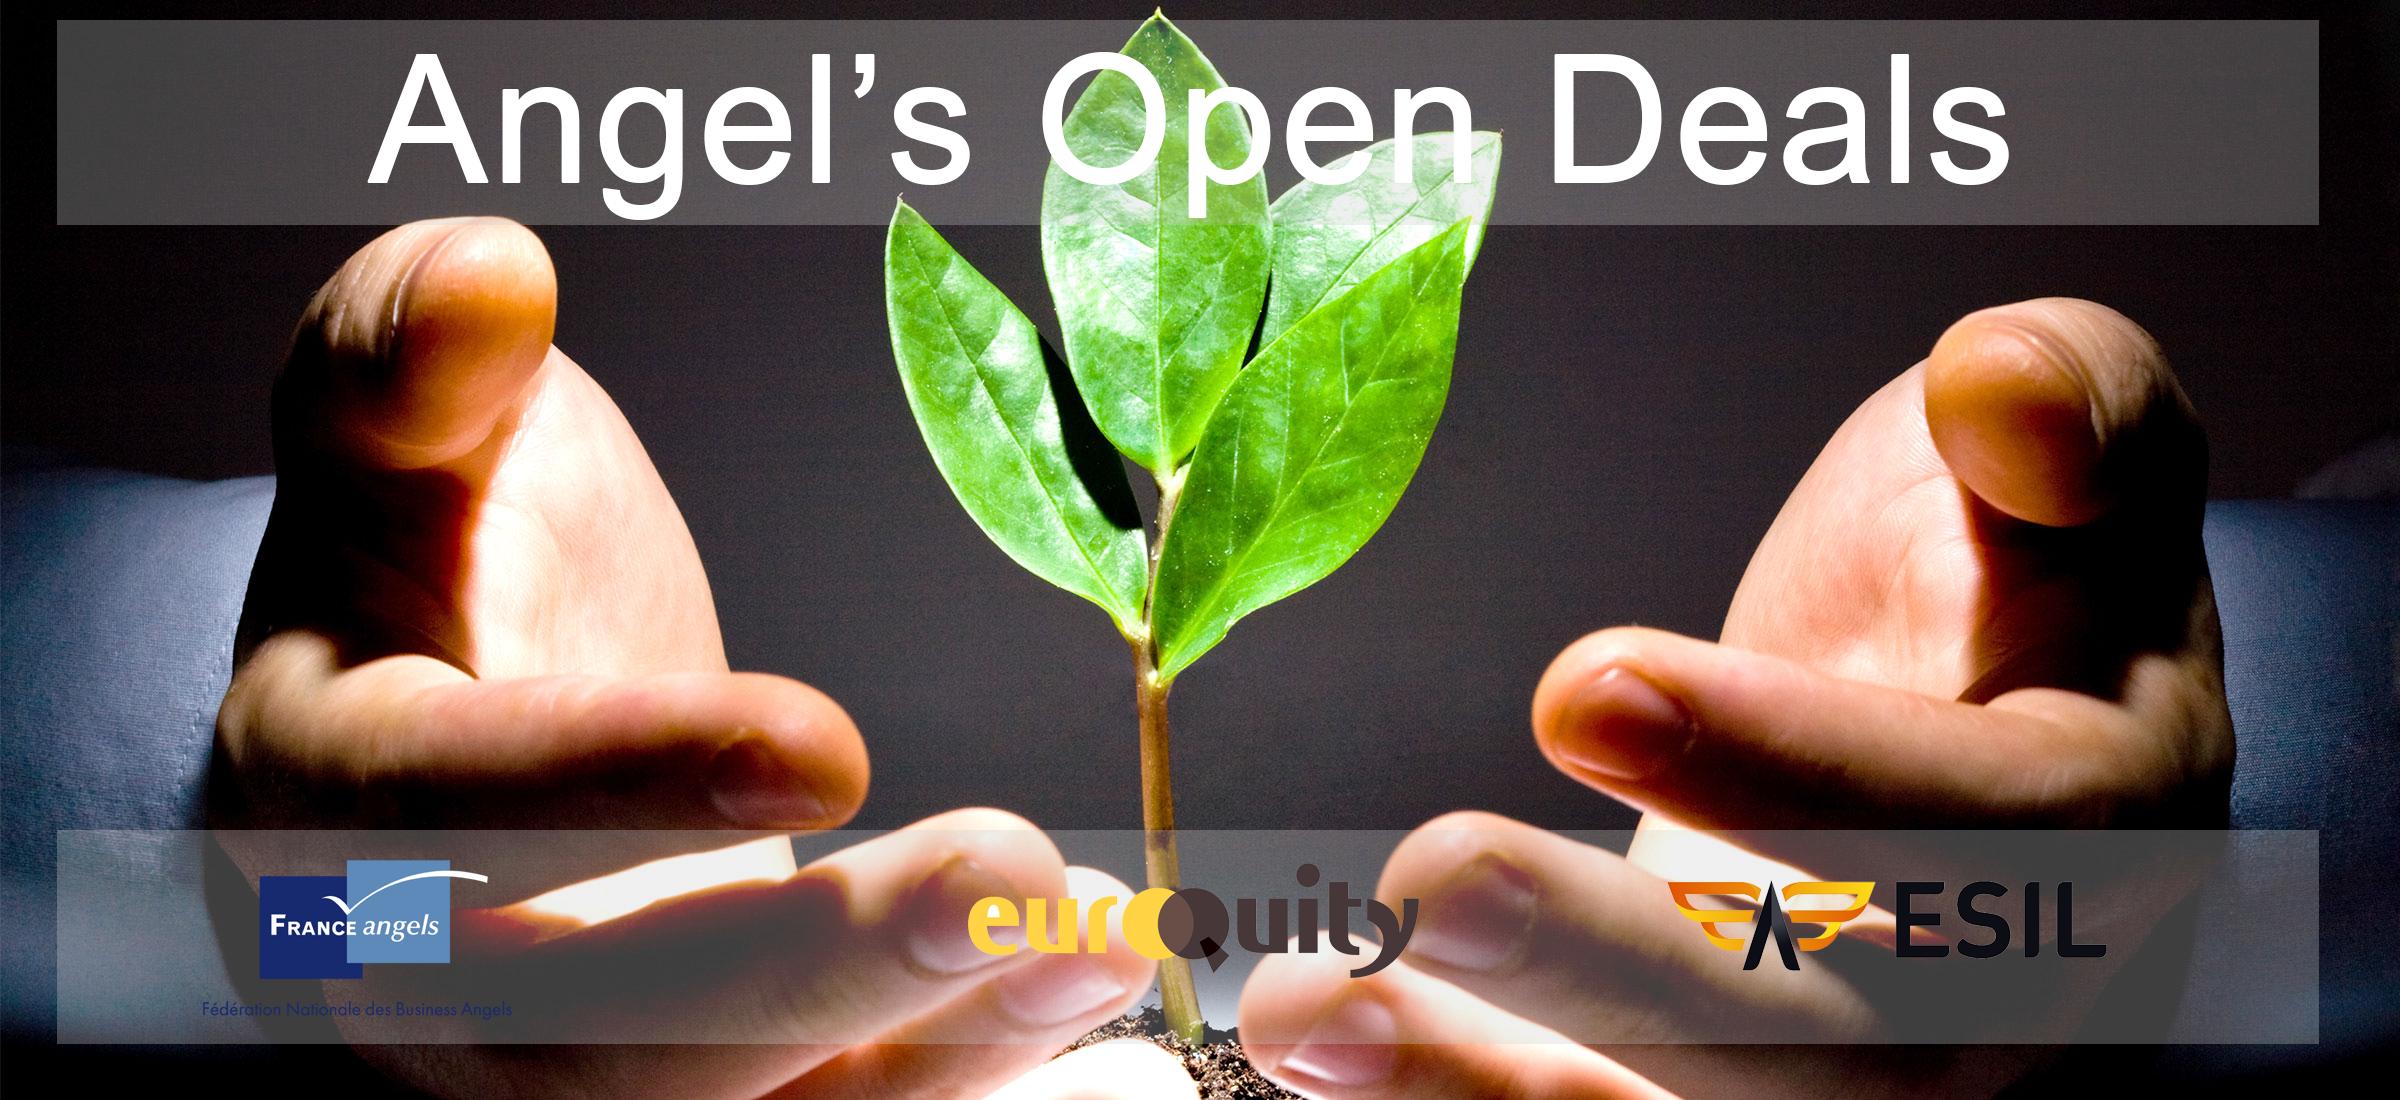 Découvrez les Angel's Open Deals